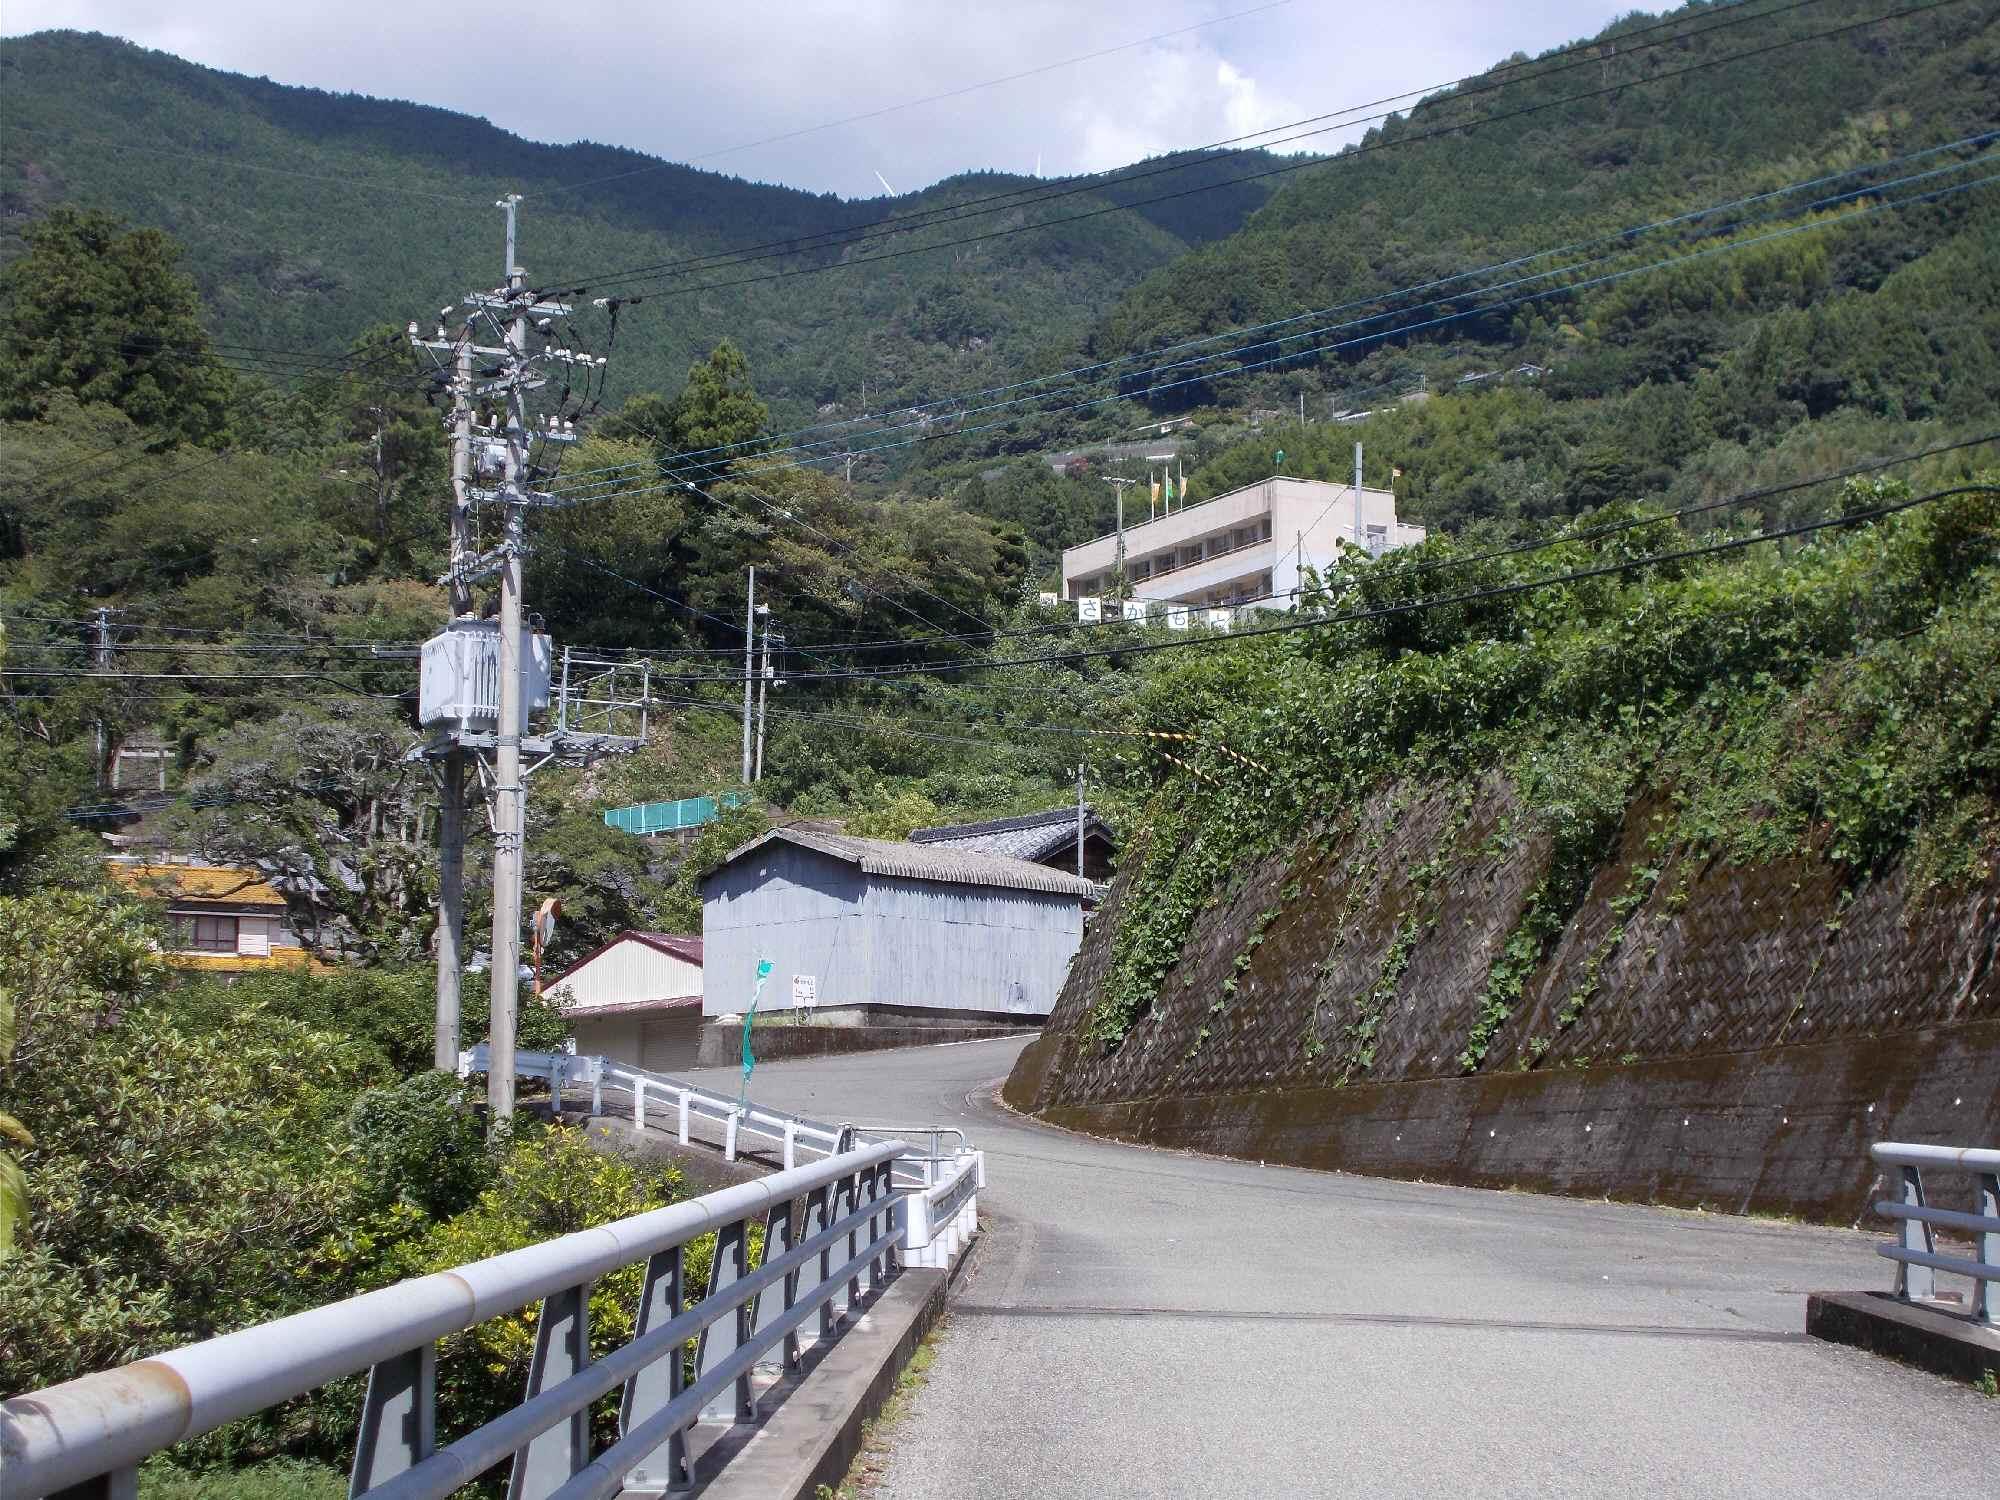 施設を県道付近から望む。谷合いの傾斜地にあり、旧校庭も大変狭い